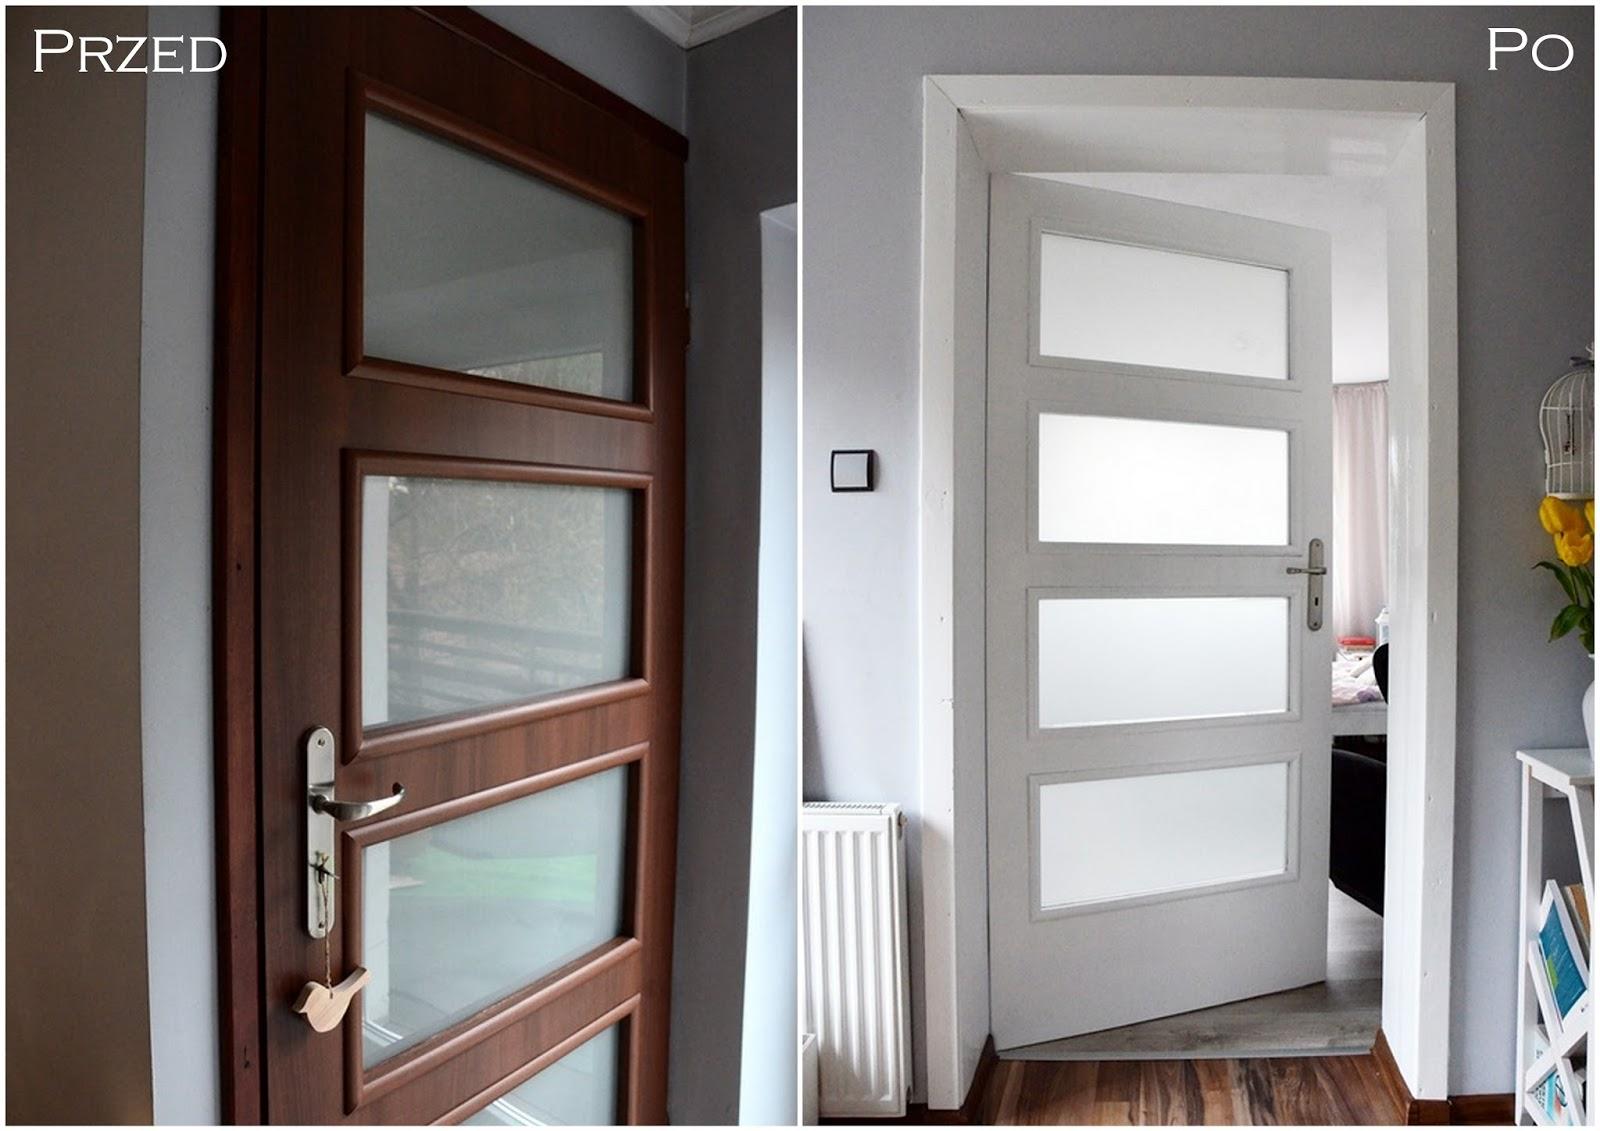 Czym pomalować drzwi z mdf